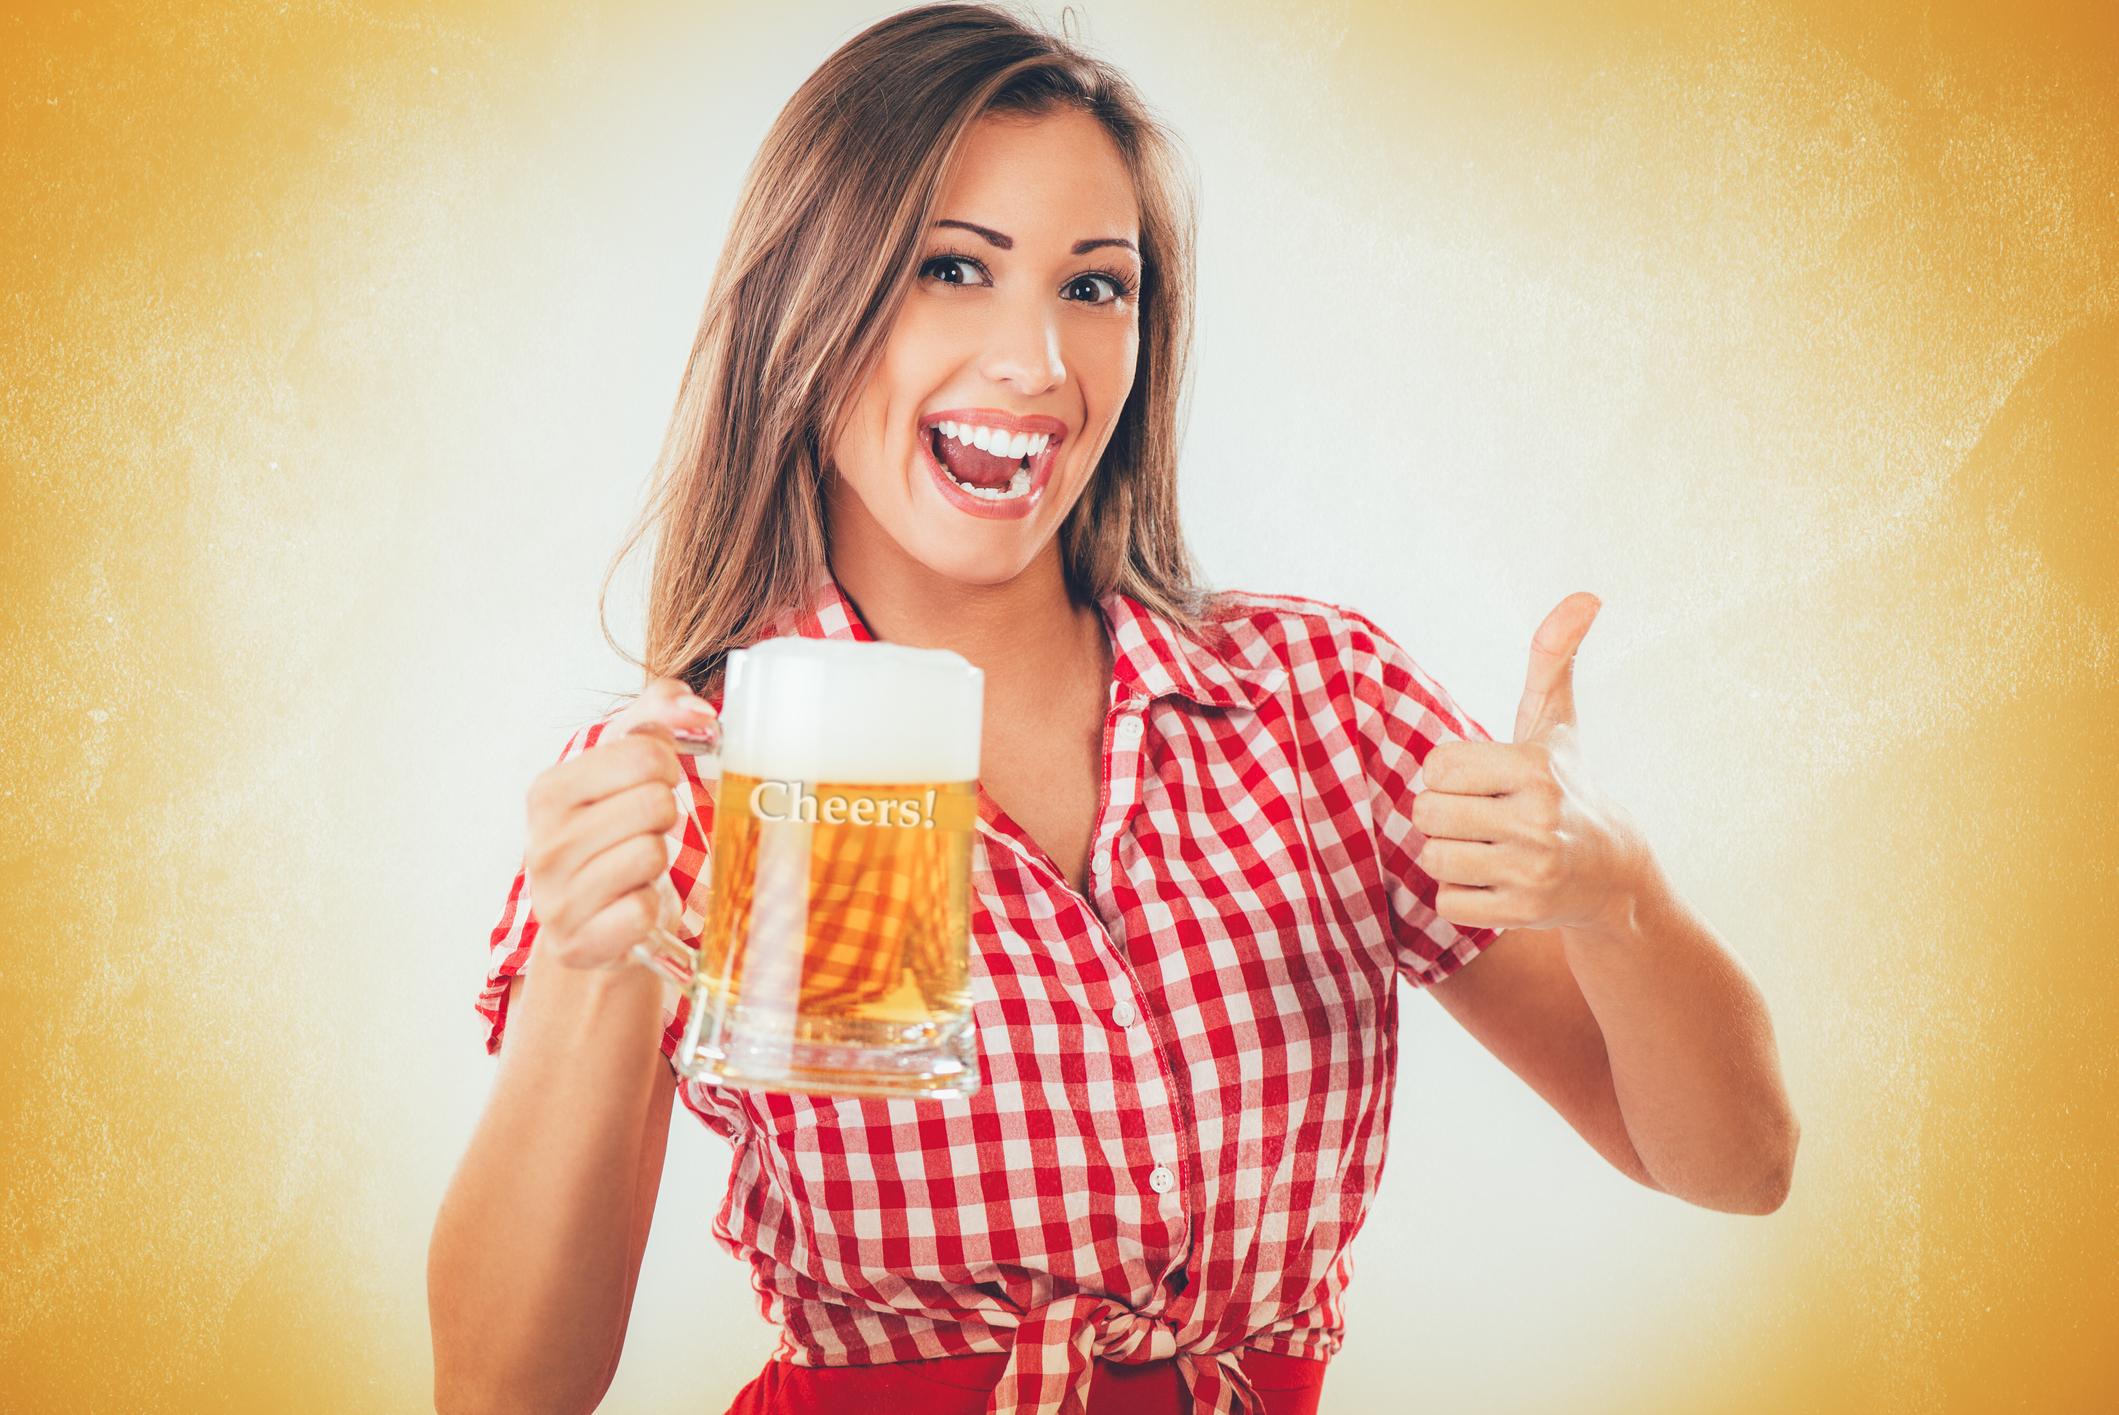 Фото девушек с пивом в руках